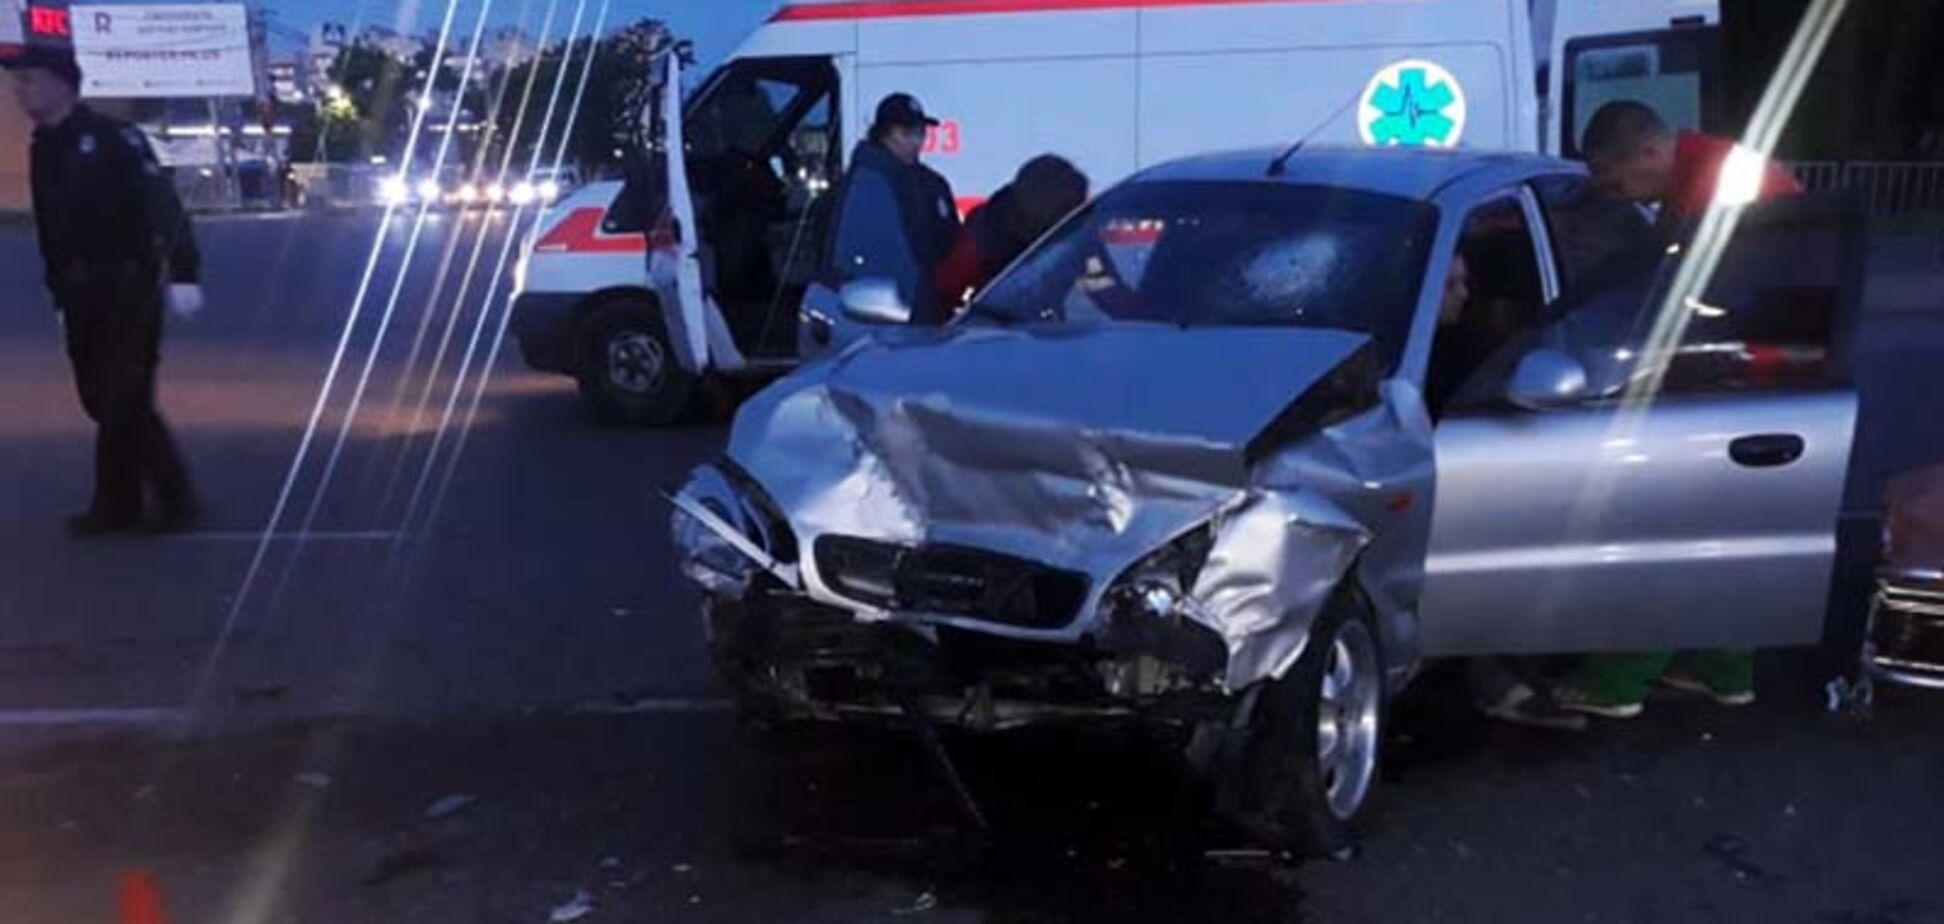 В Днепре на перекрестке столкнулись два автомобиля: пострадало 4 человека. Фото